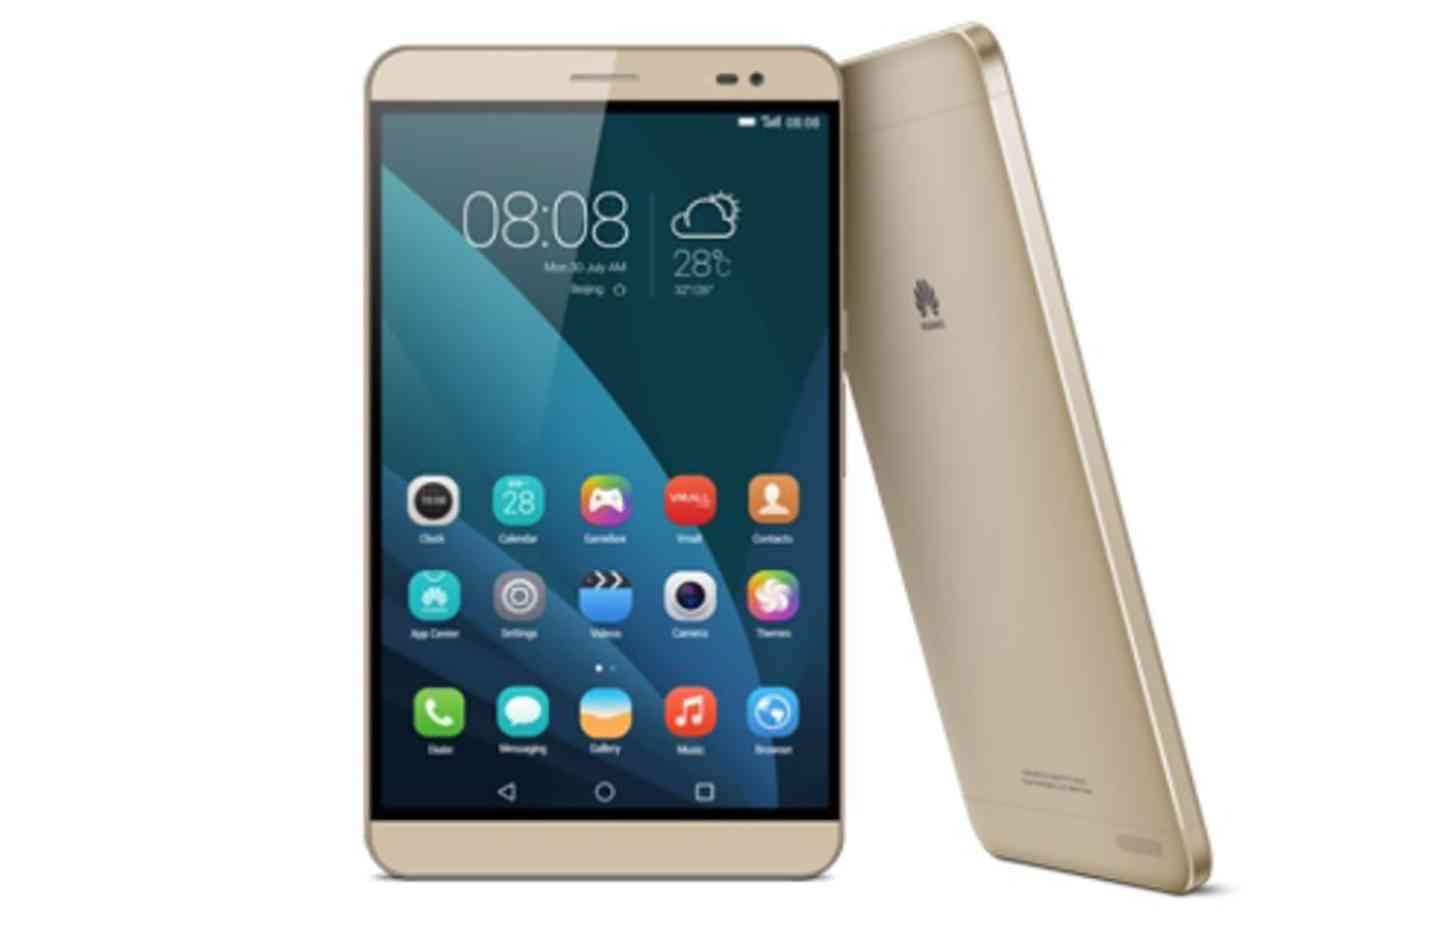 Huawei MediaPad X2 large